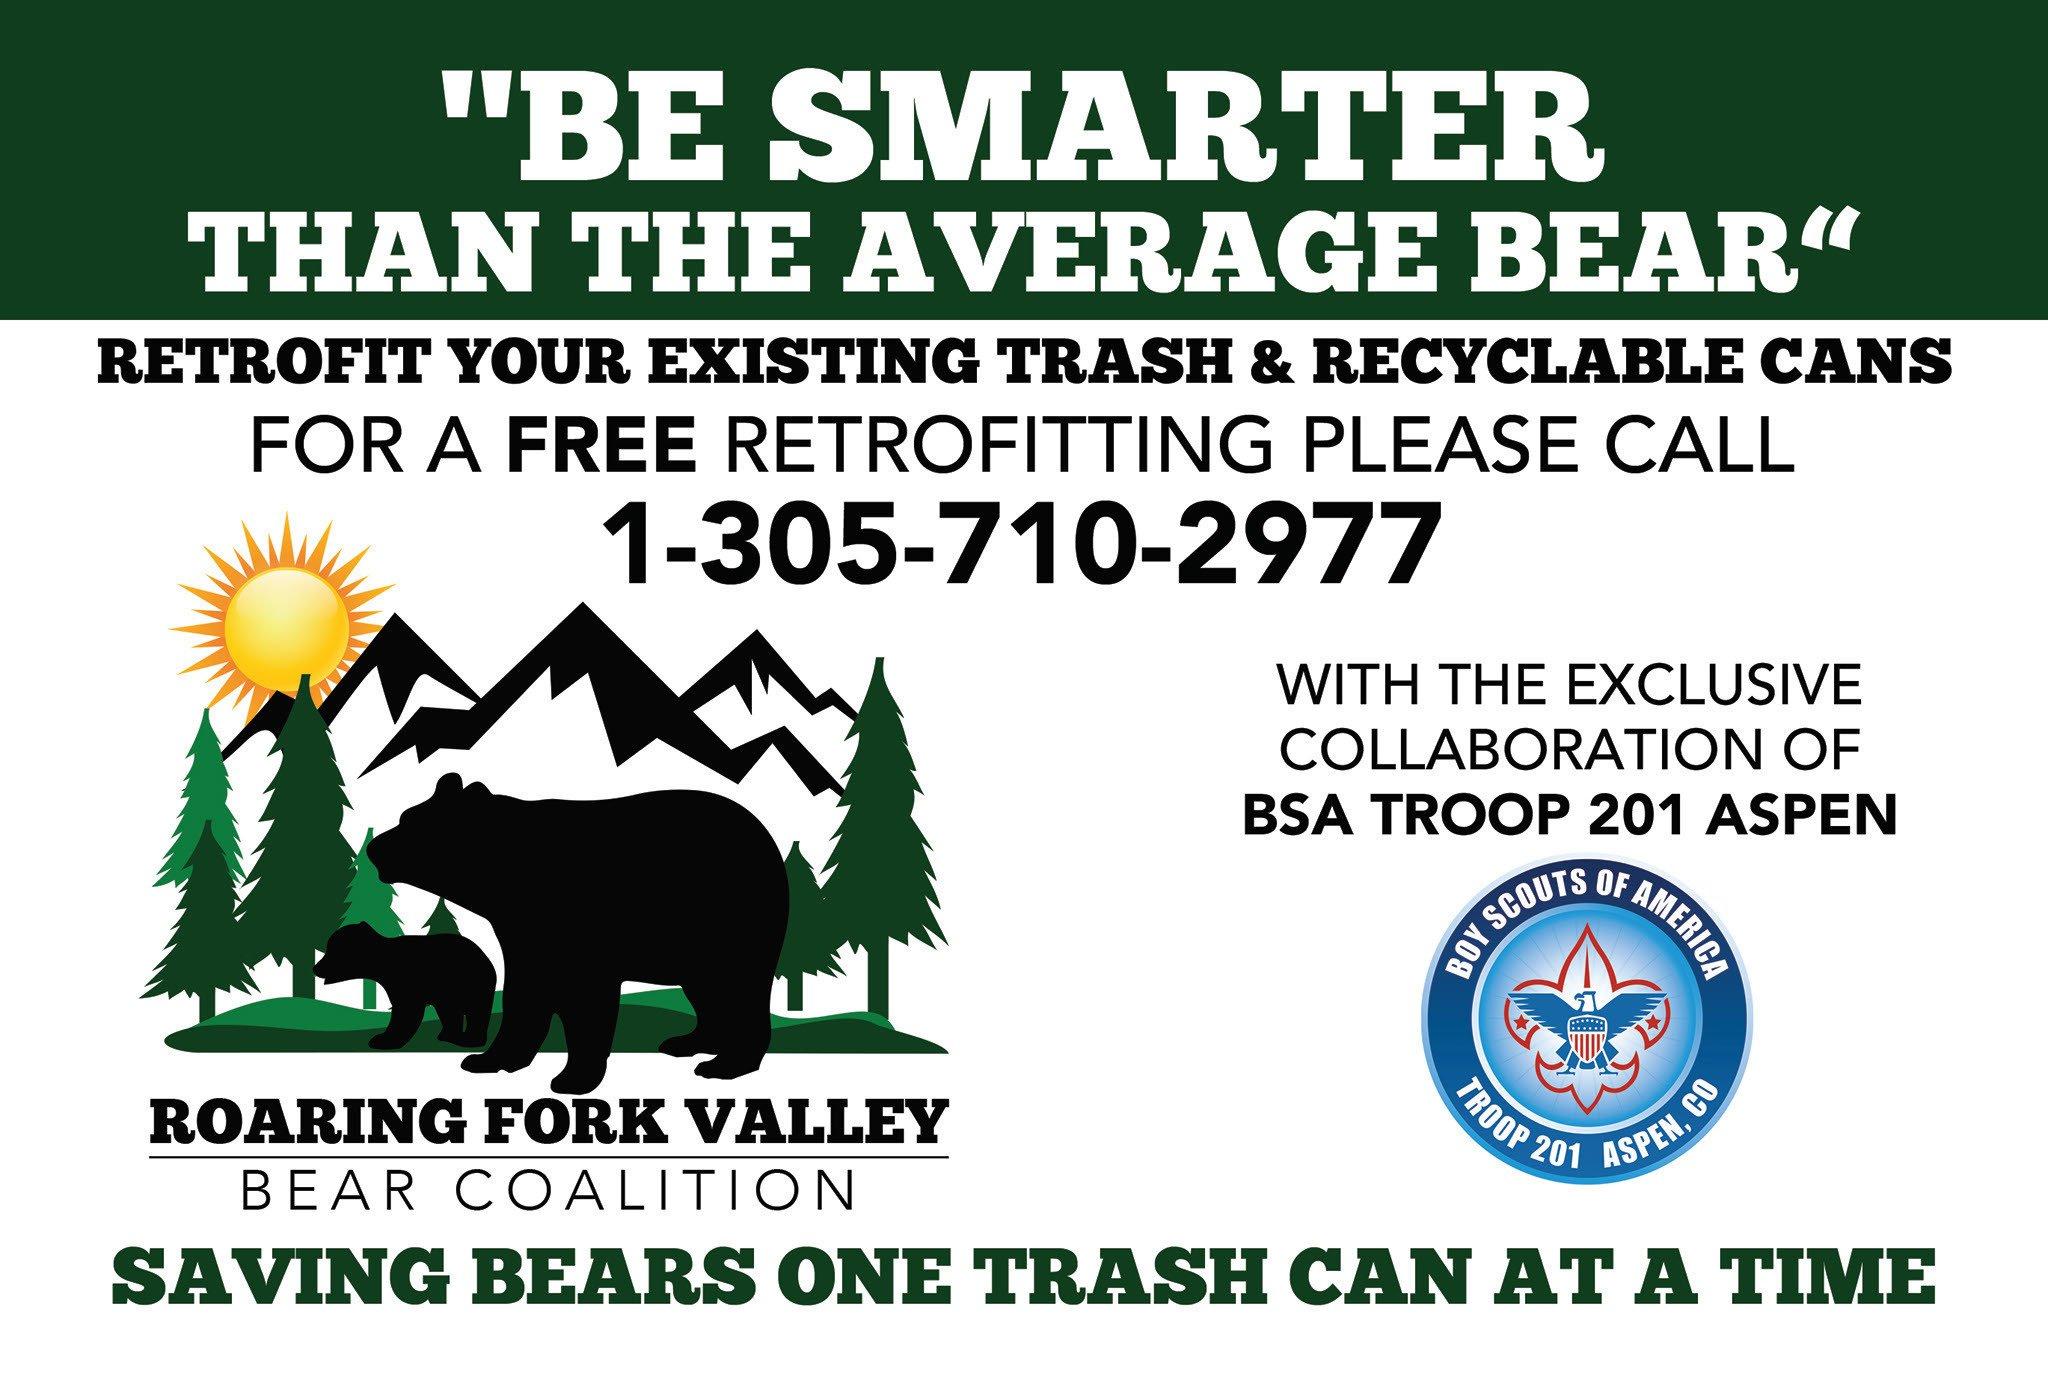 RFV Bear Coalition thumbnail